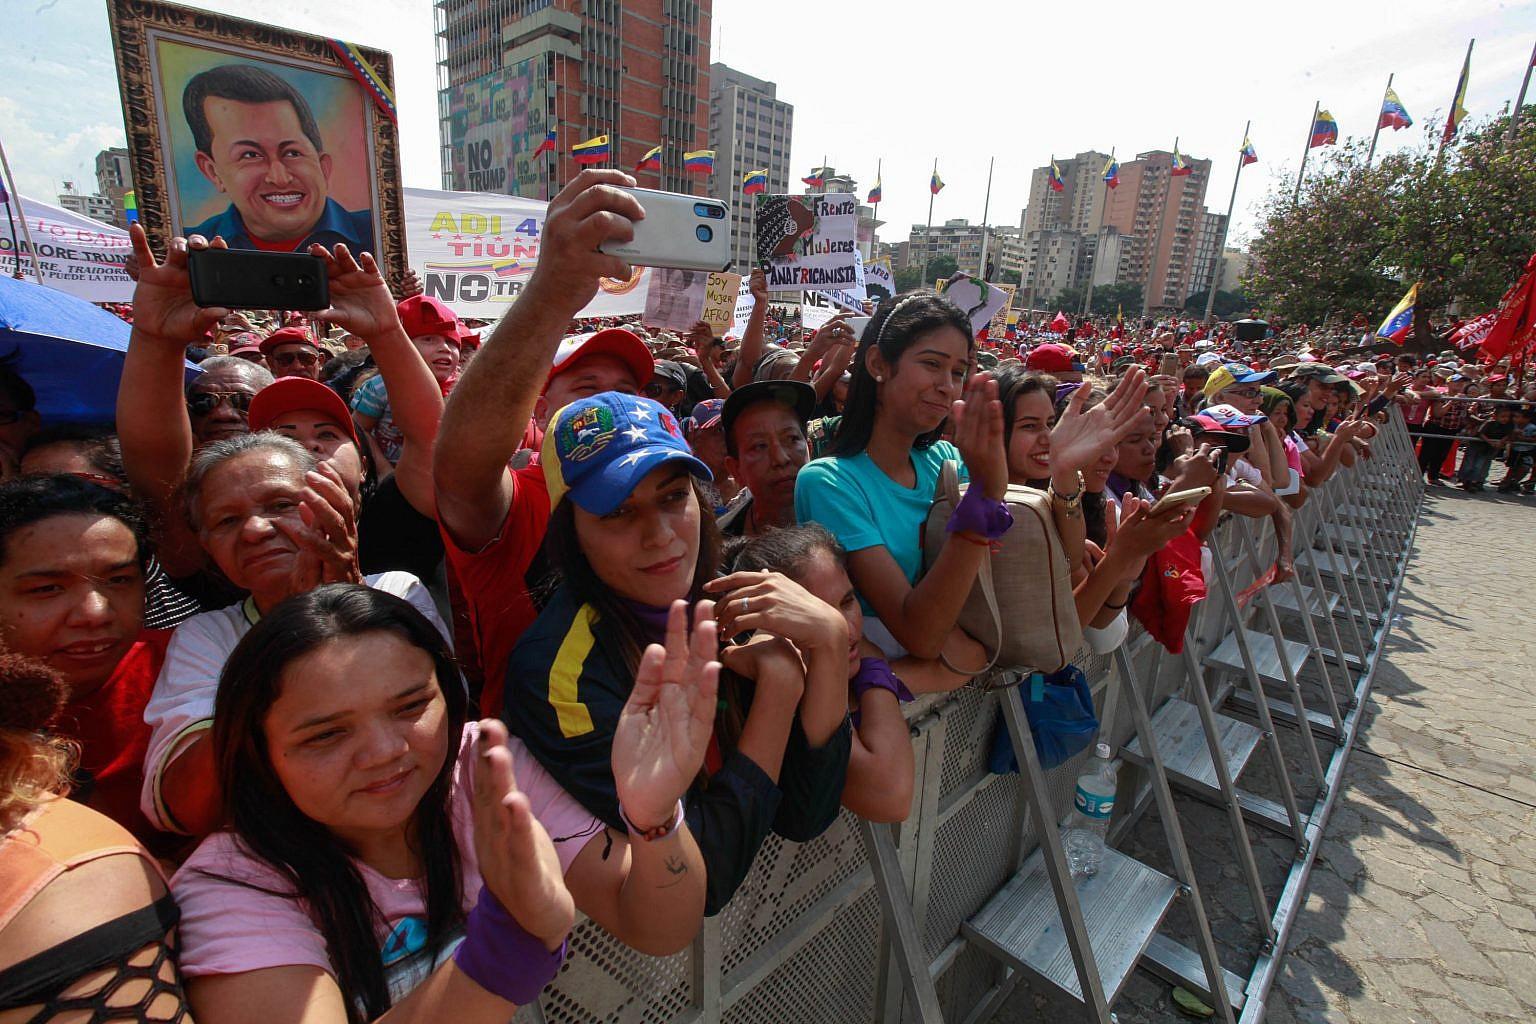 marcha_dia_int_de_la_mujer_rb65911583700551-1536x1024